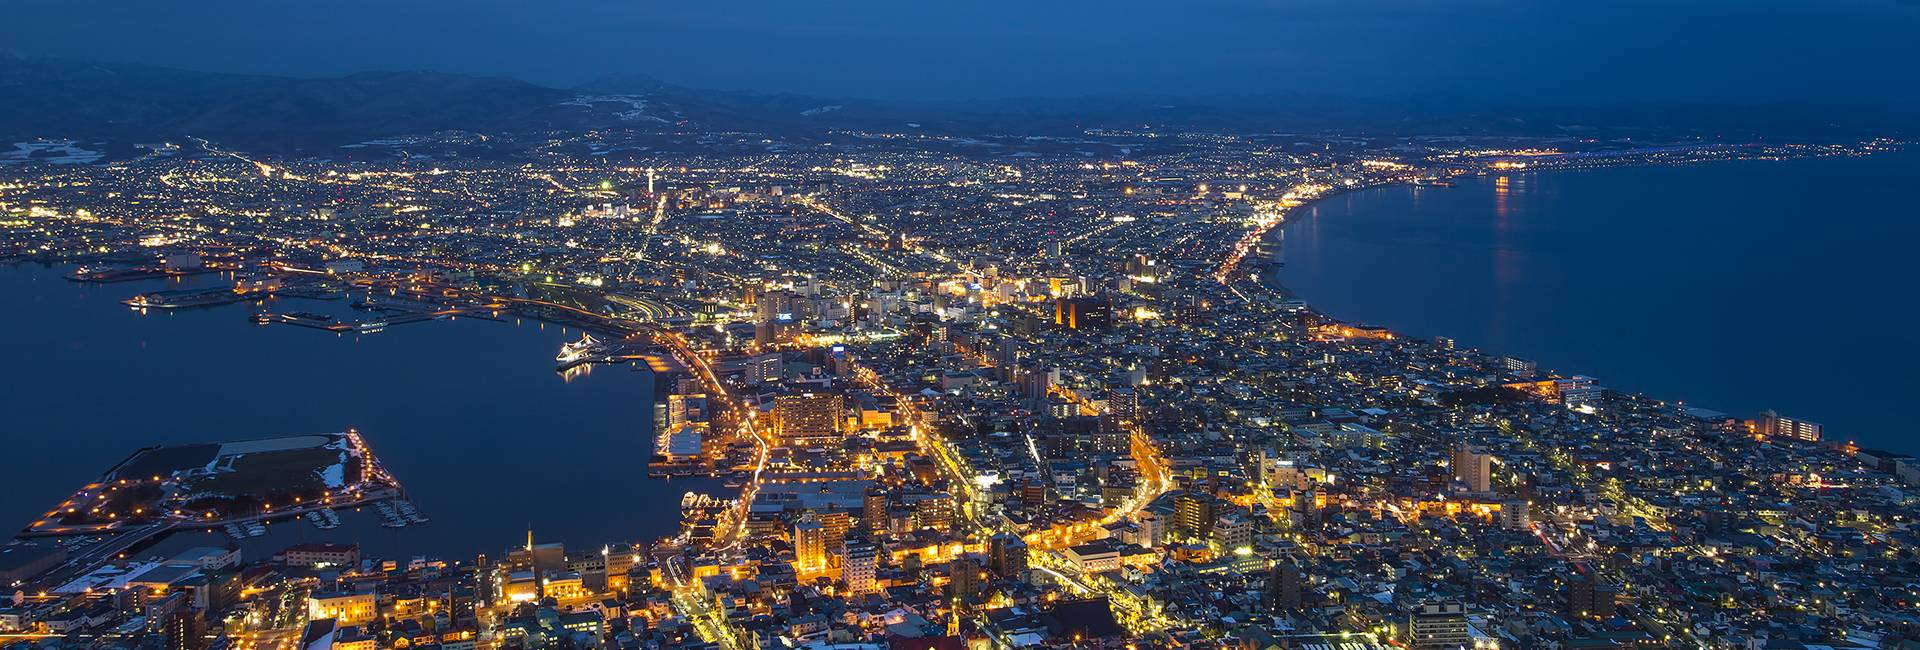 vista notturna di Hakodate